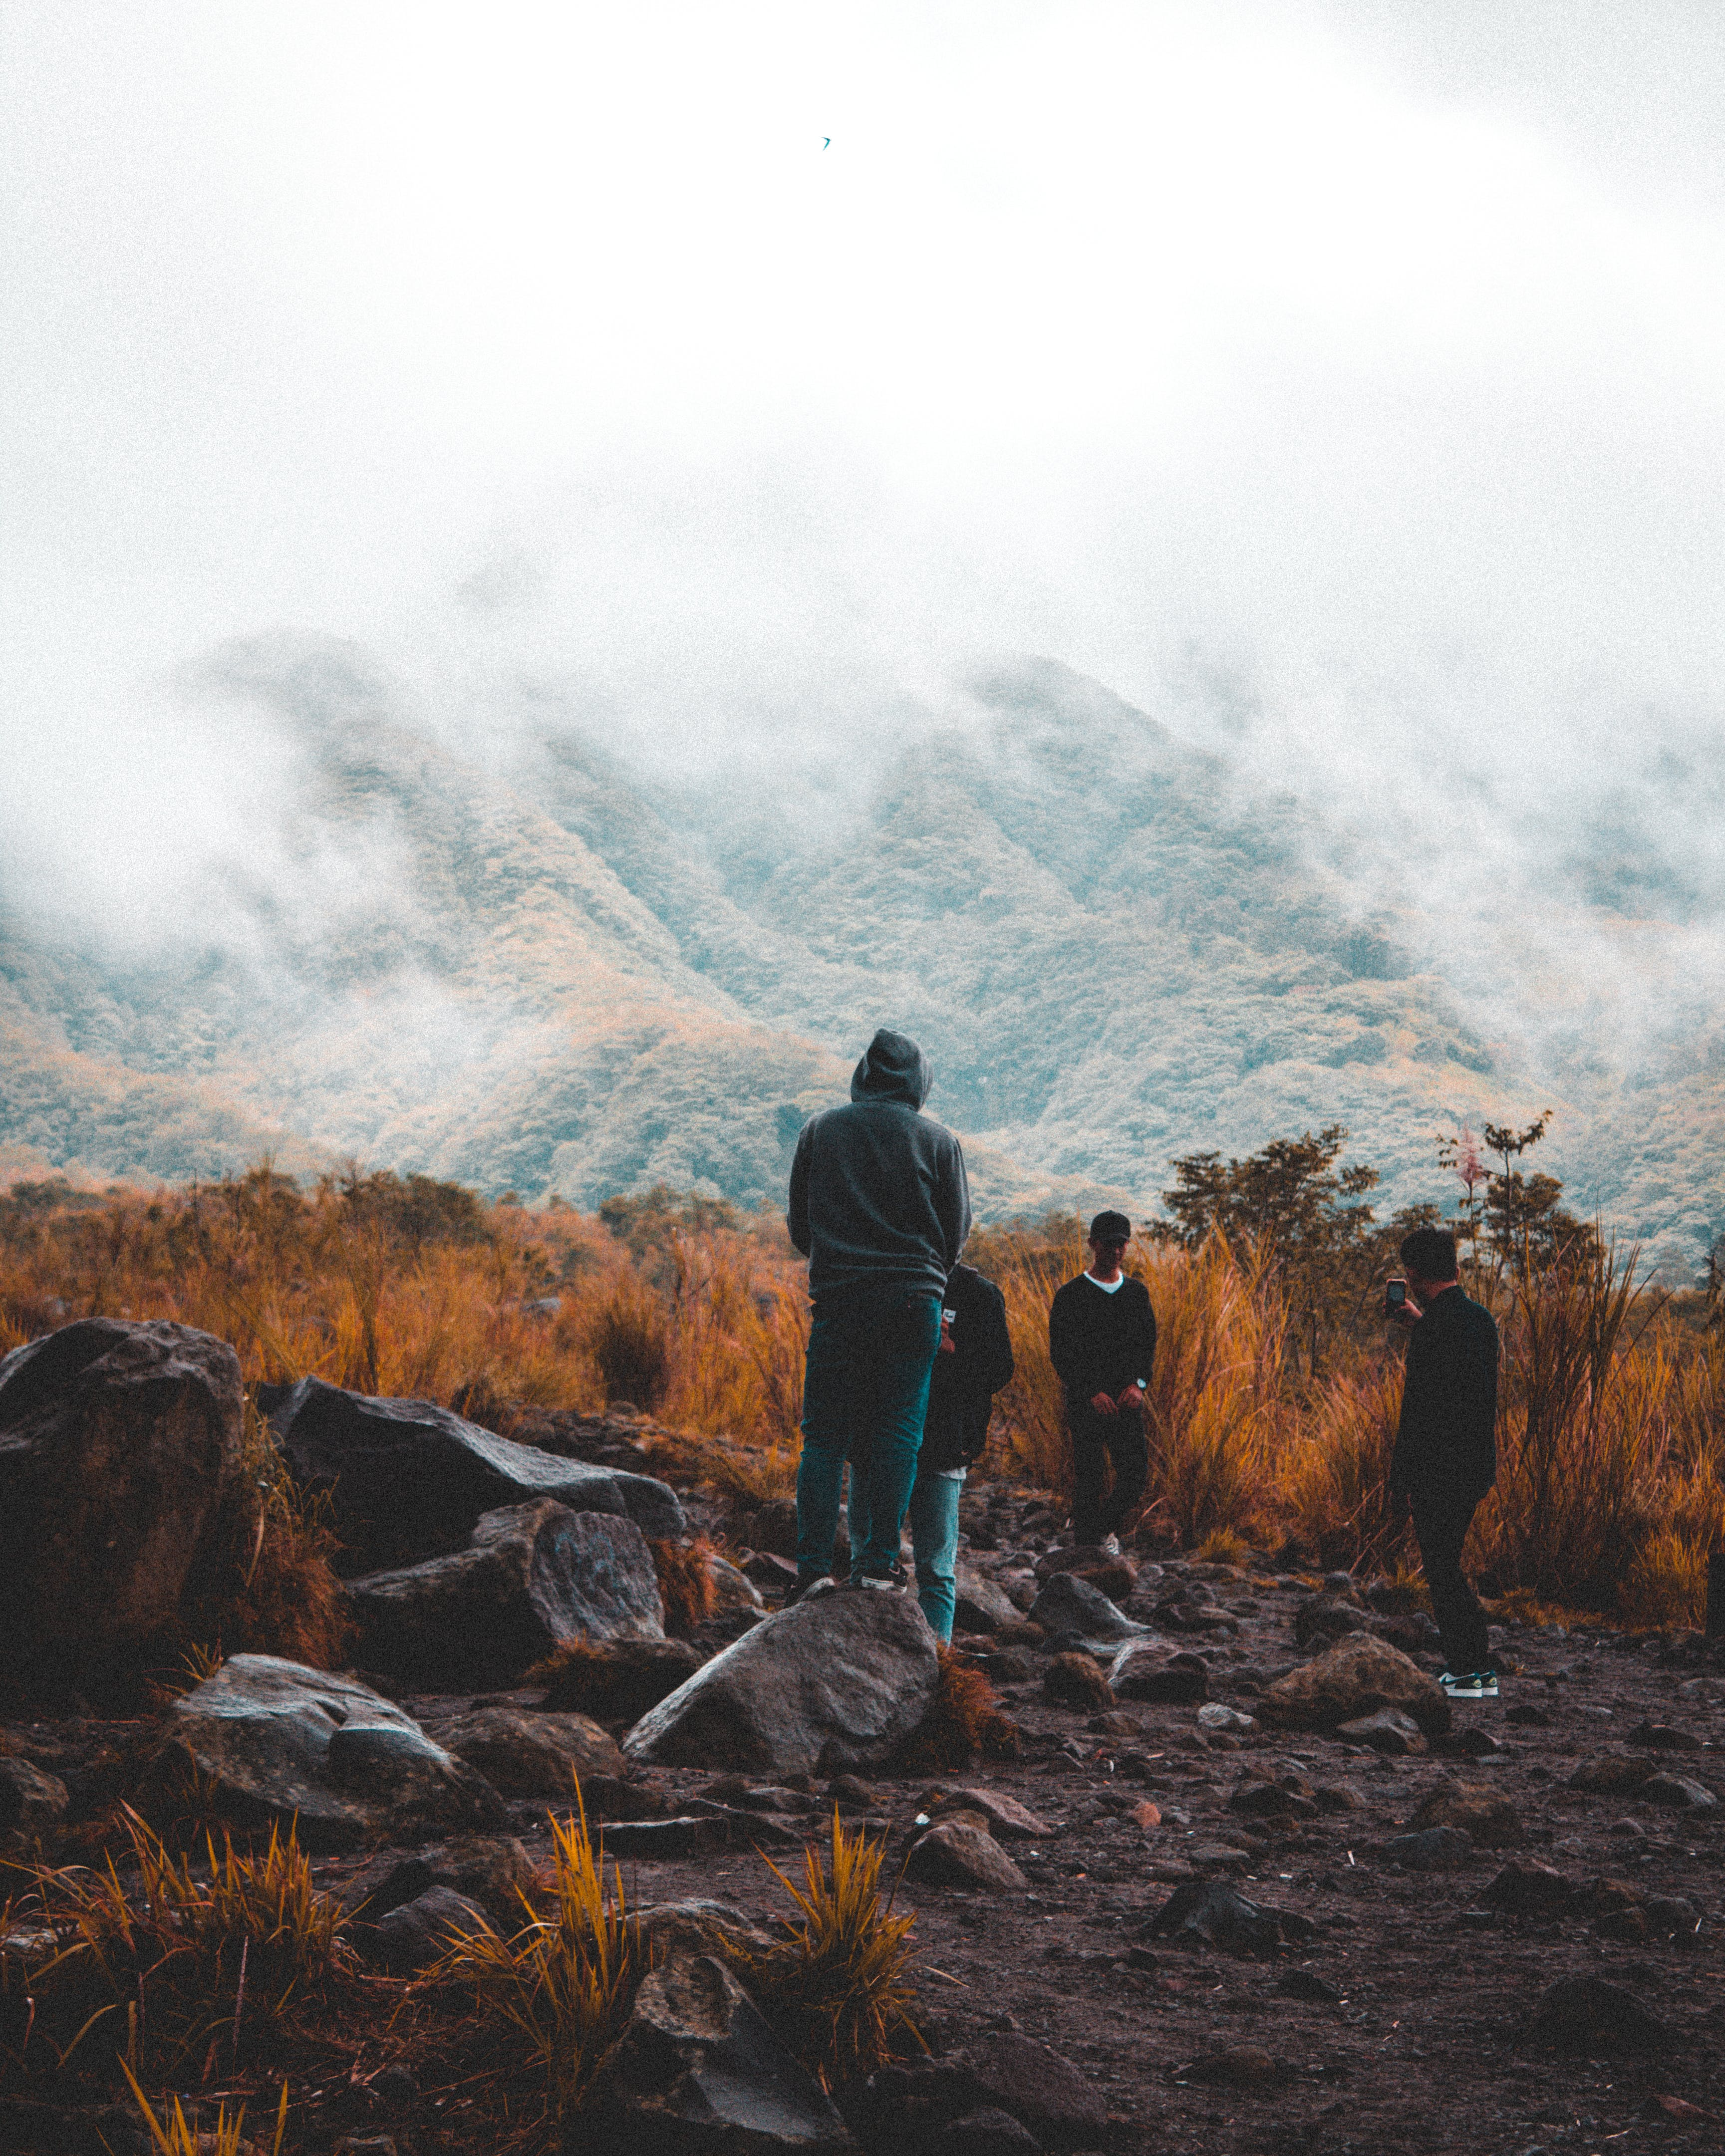 Kostenloses Stock Foto zu abenteuer, berg, draußen, dunkel